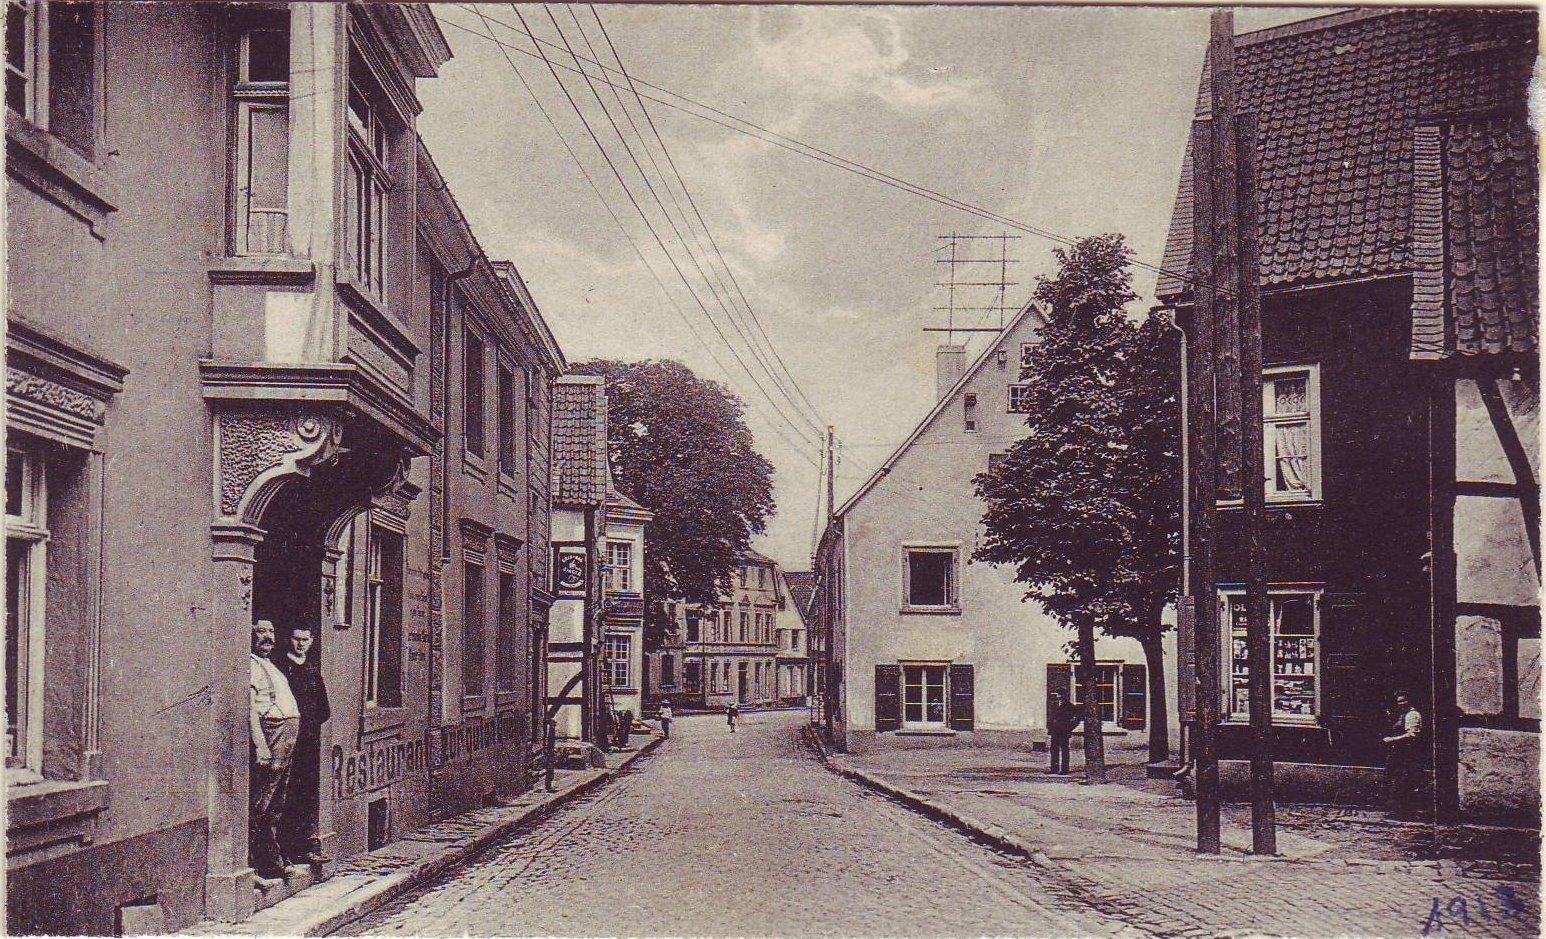 Zur guten Quelle-6-his-Wilhelm Dörnen-A1